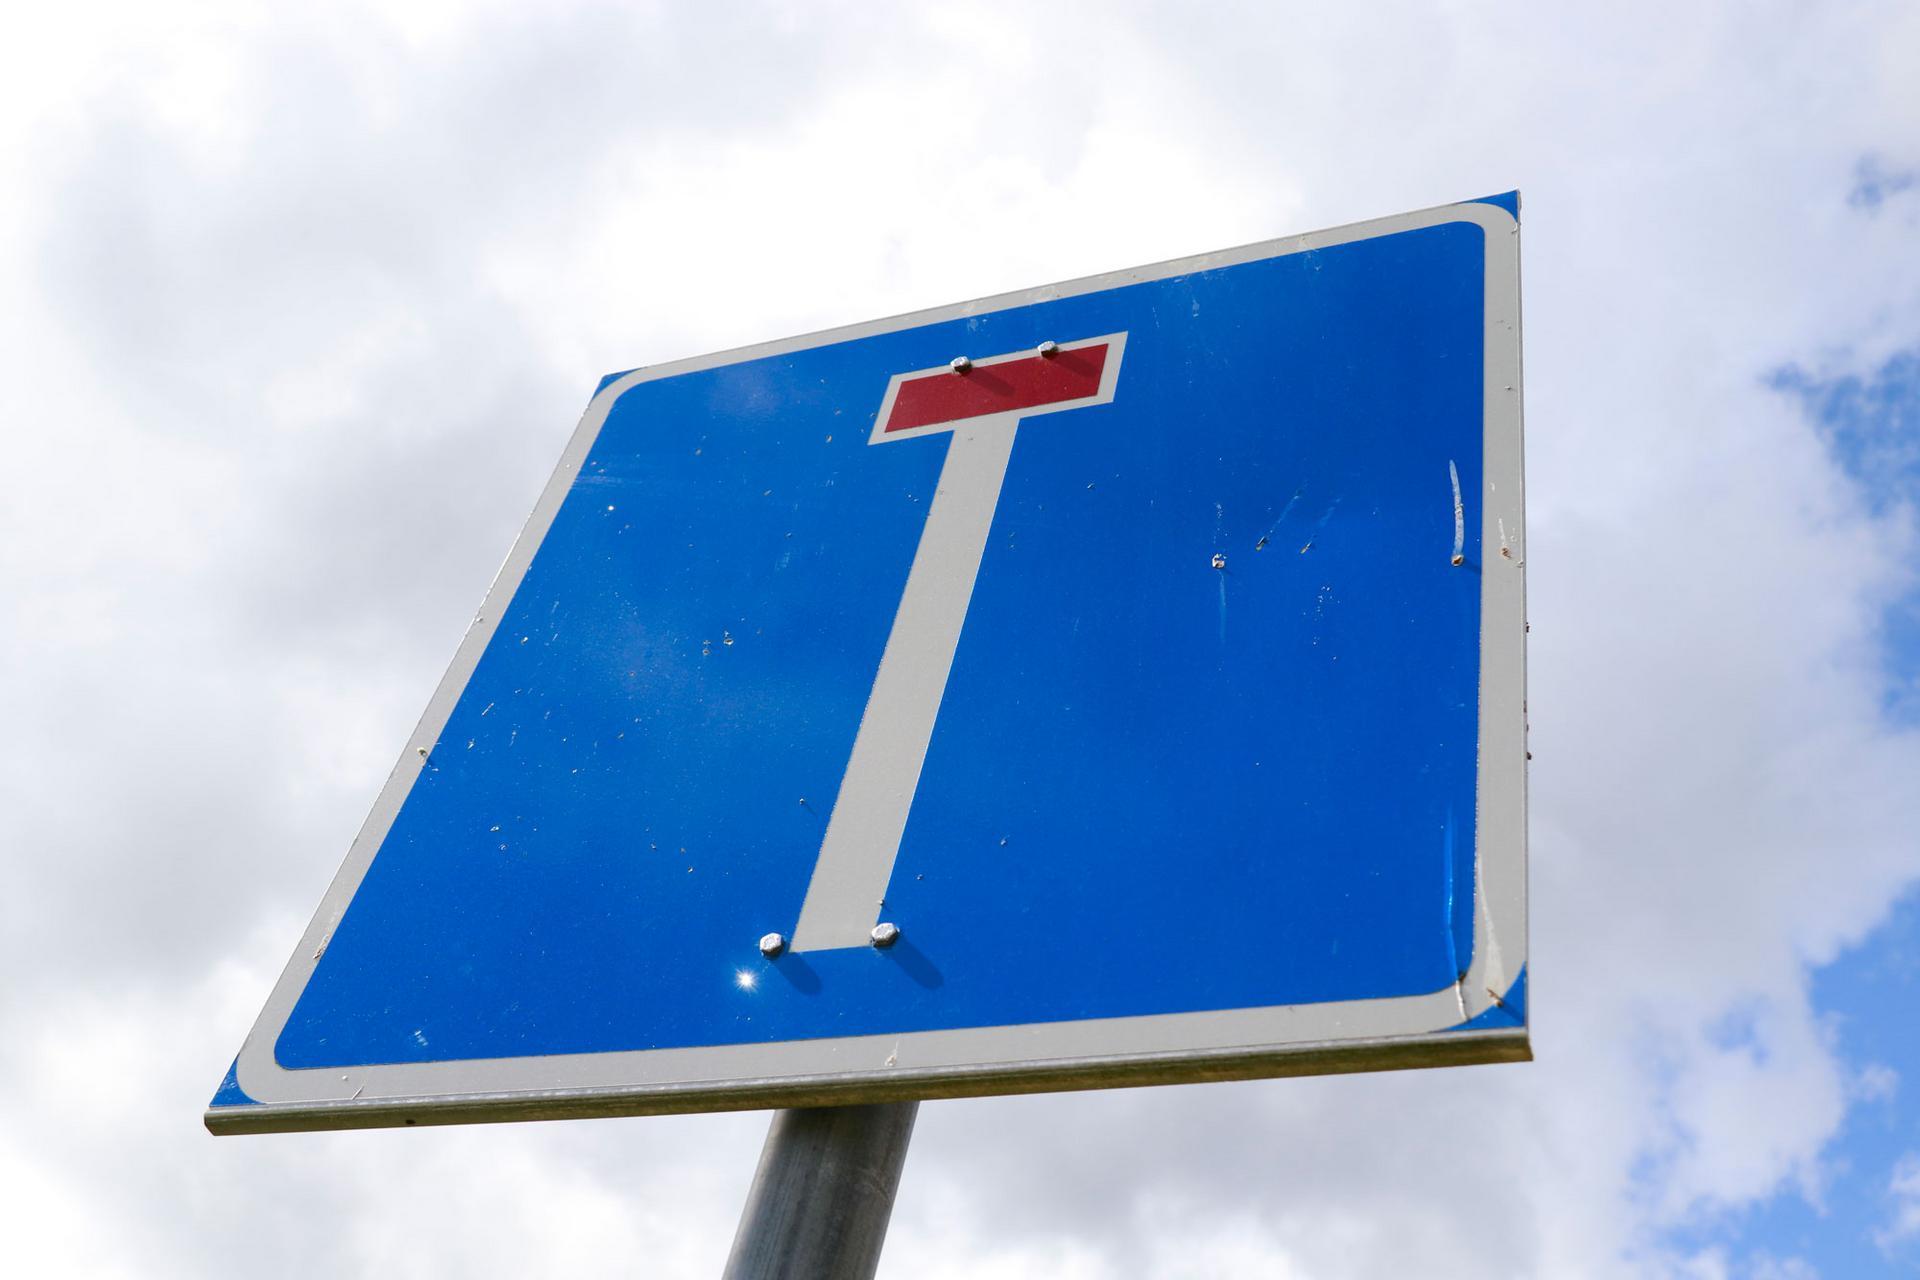 Törmätielle on asukkaiden toiveesta tulossa liikennemerkki, joka kertoo tien päättyvän.